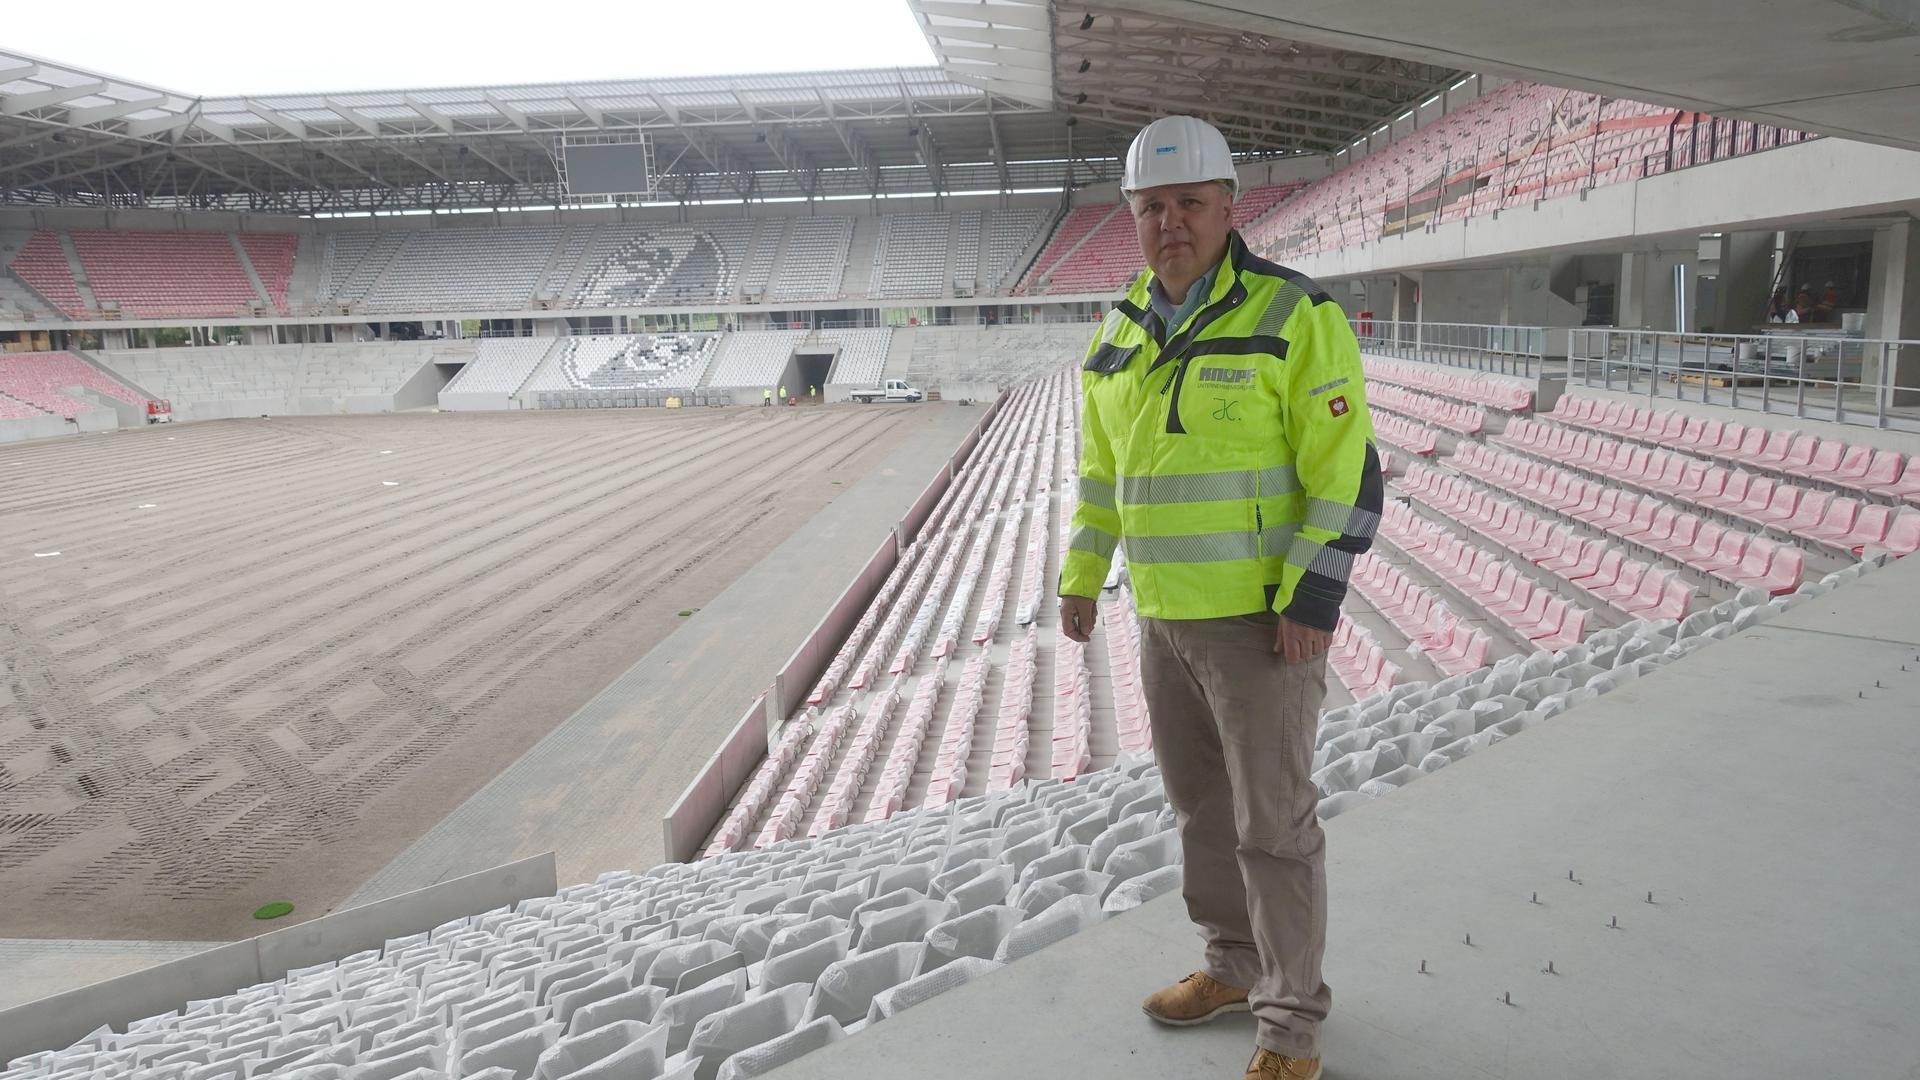 Mann in Fußballstadion